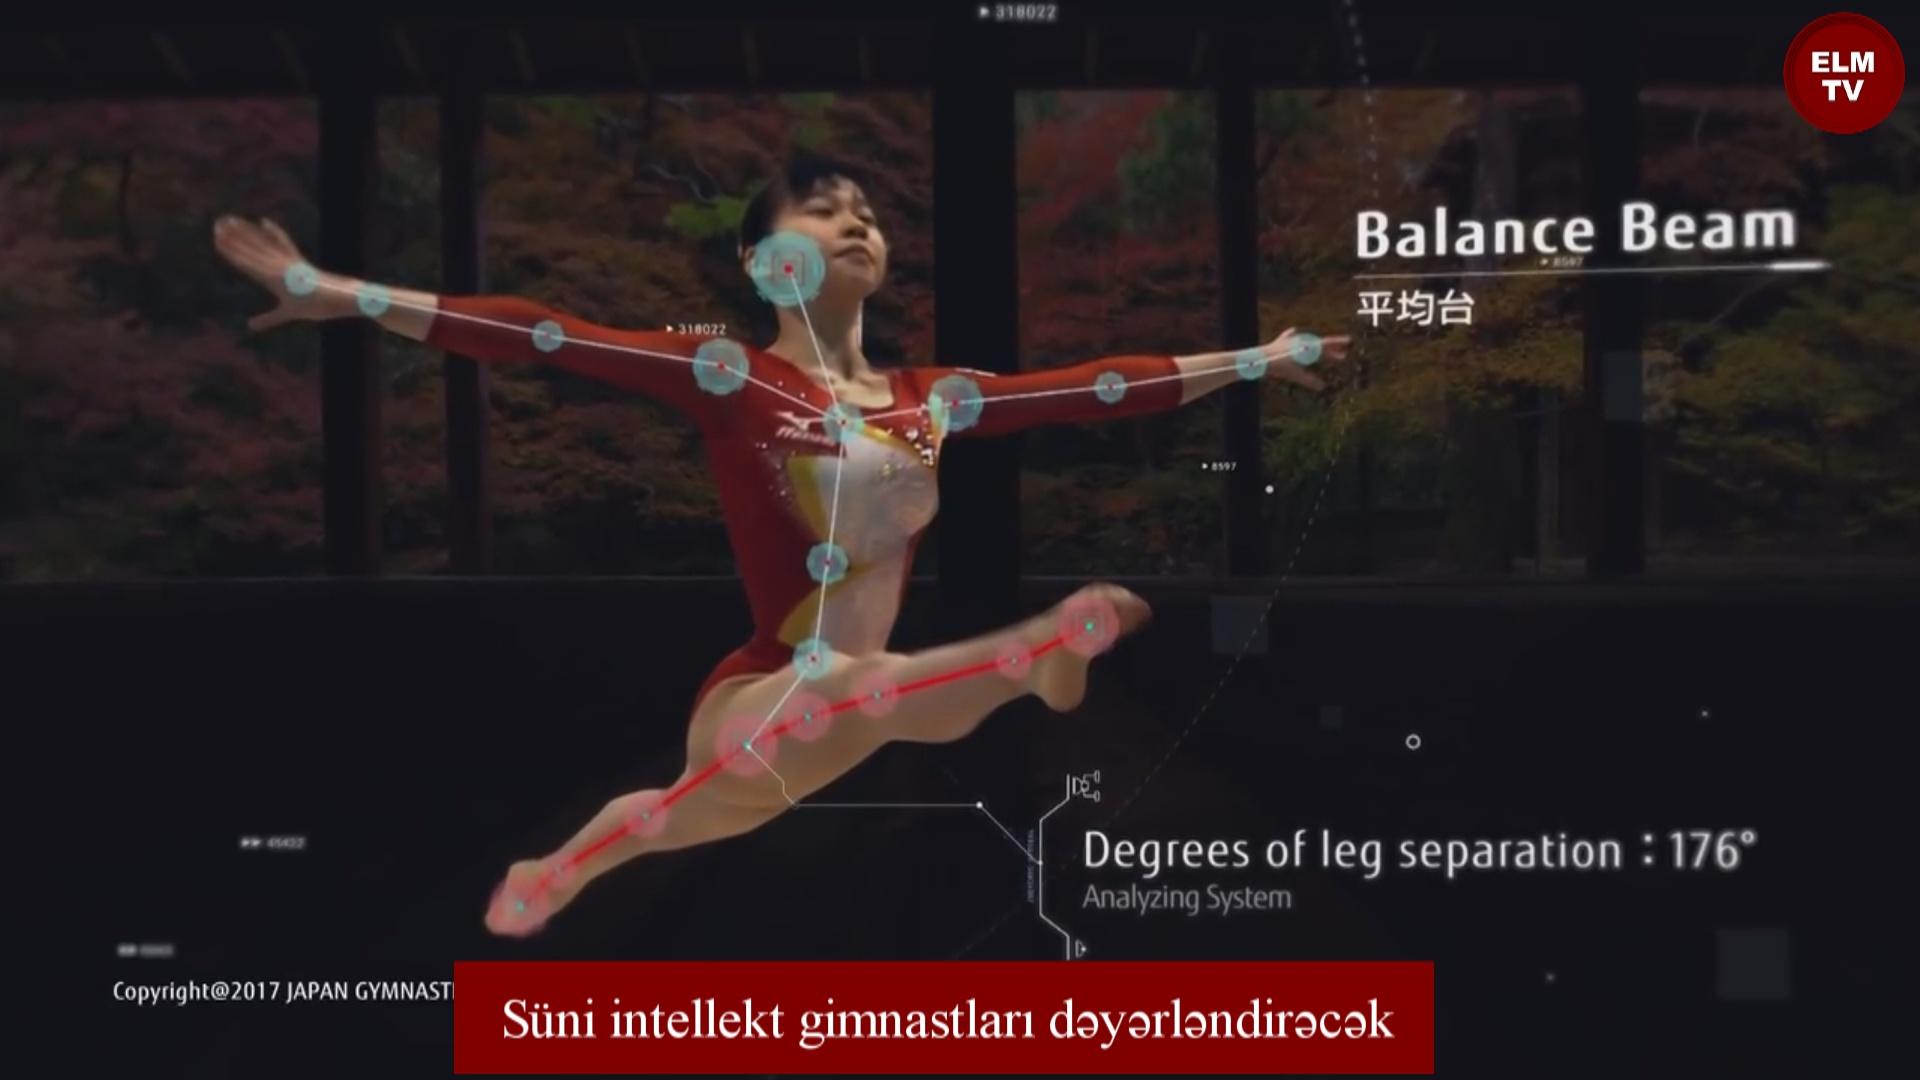 Süni intellekt gimnastları dəyərləndirəcək